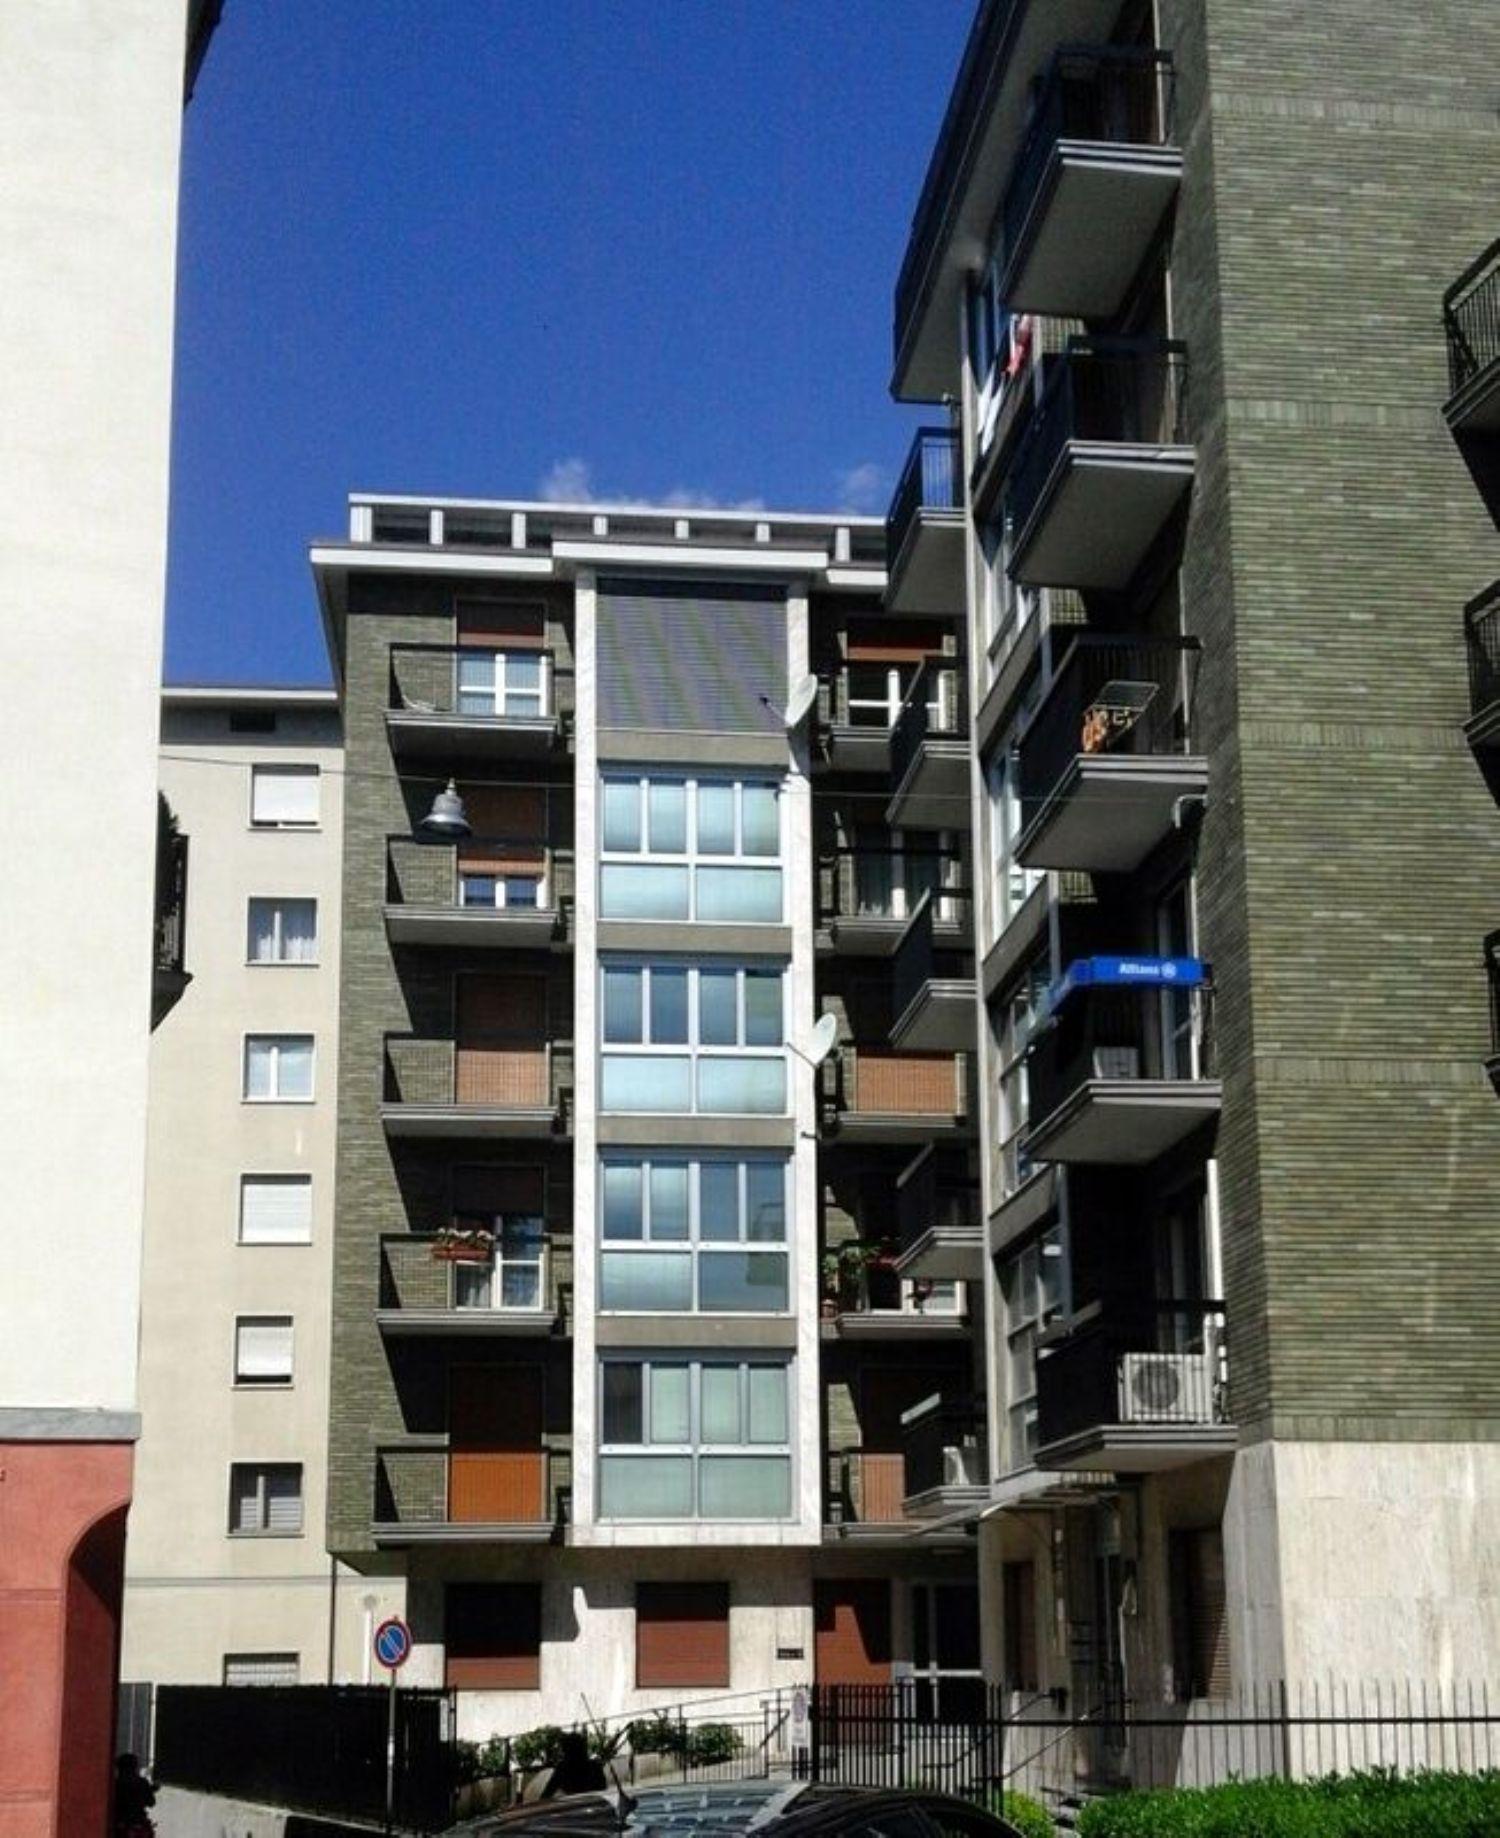 Appartamento in vendita a Sondrio, 2 locali, prezzo € 115.000 | CambioCasa.it